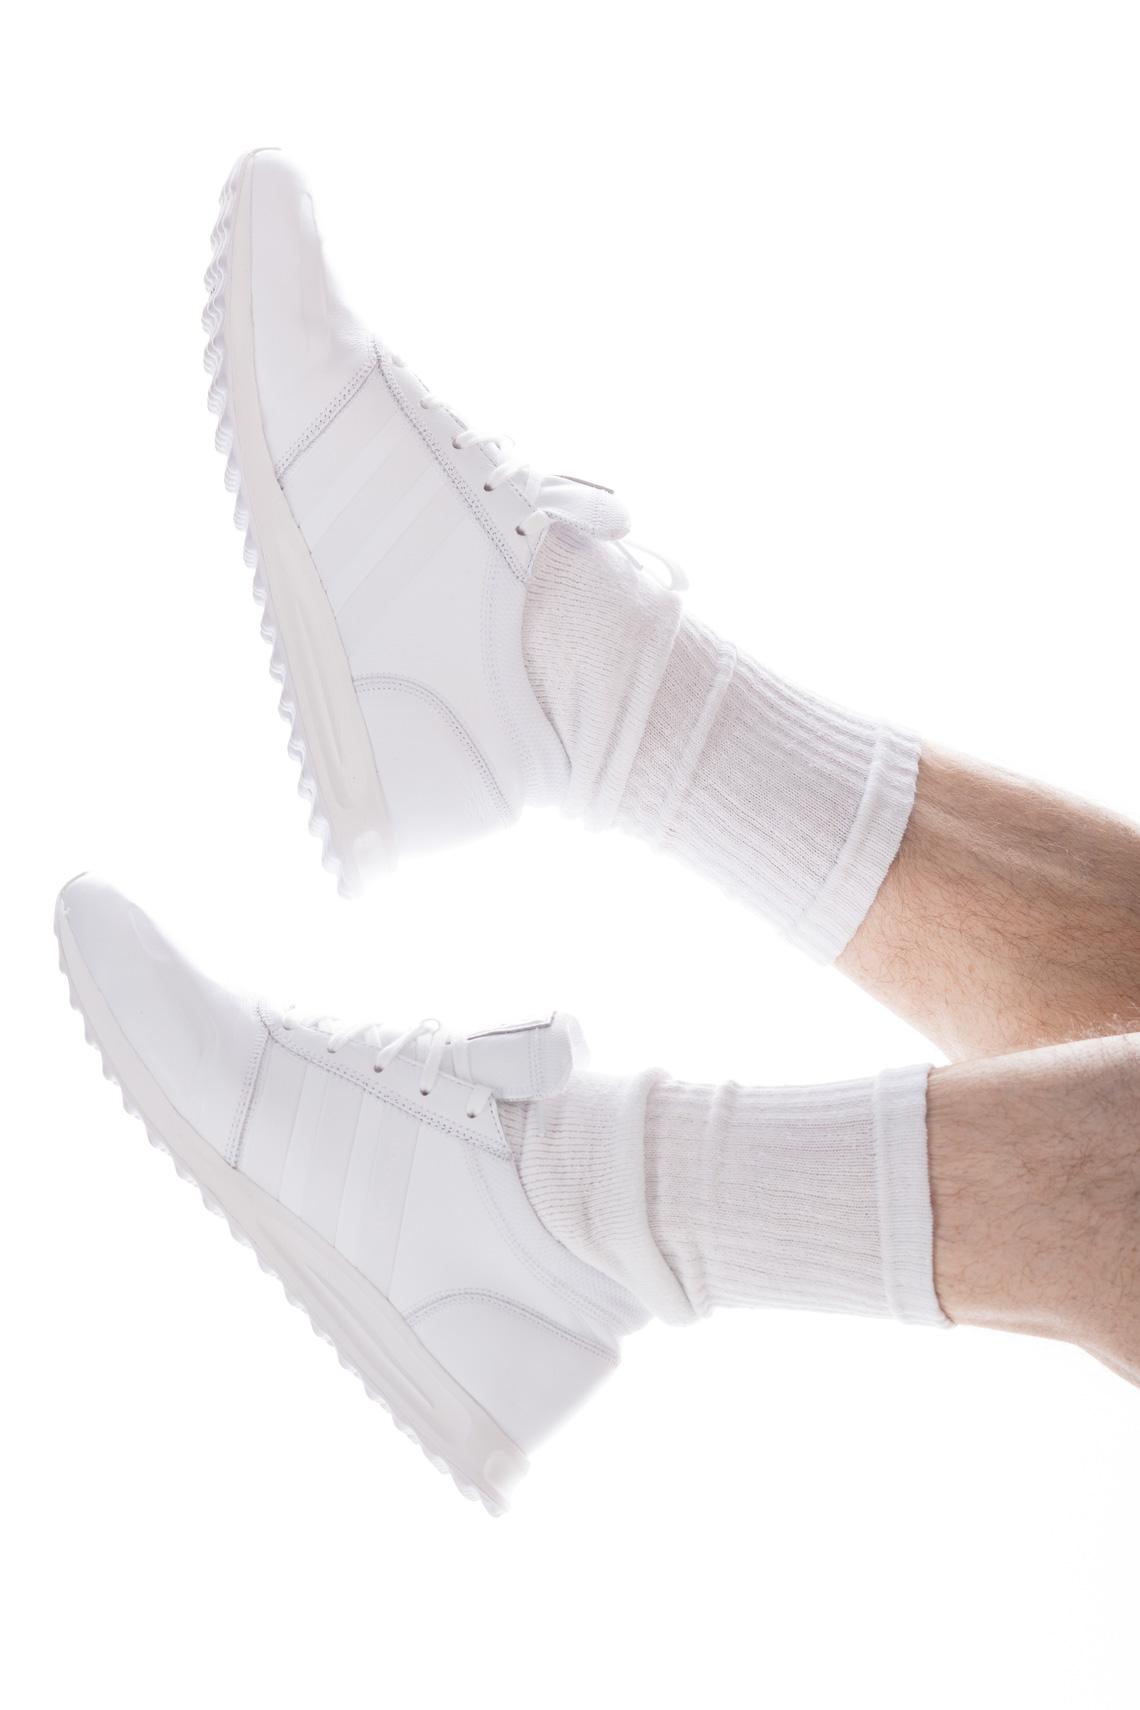 Kaisers-neue-Kleider_Sportlicher_Zweiteiler_black-white_adidas-Sneaker_Sommerlook_Streetstyle_Malefashionblog